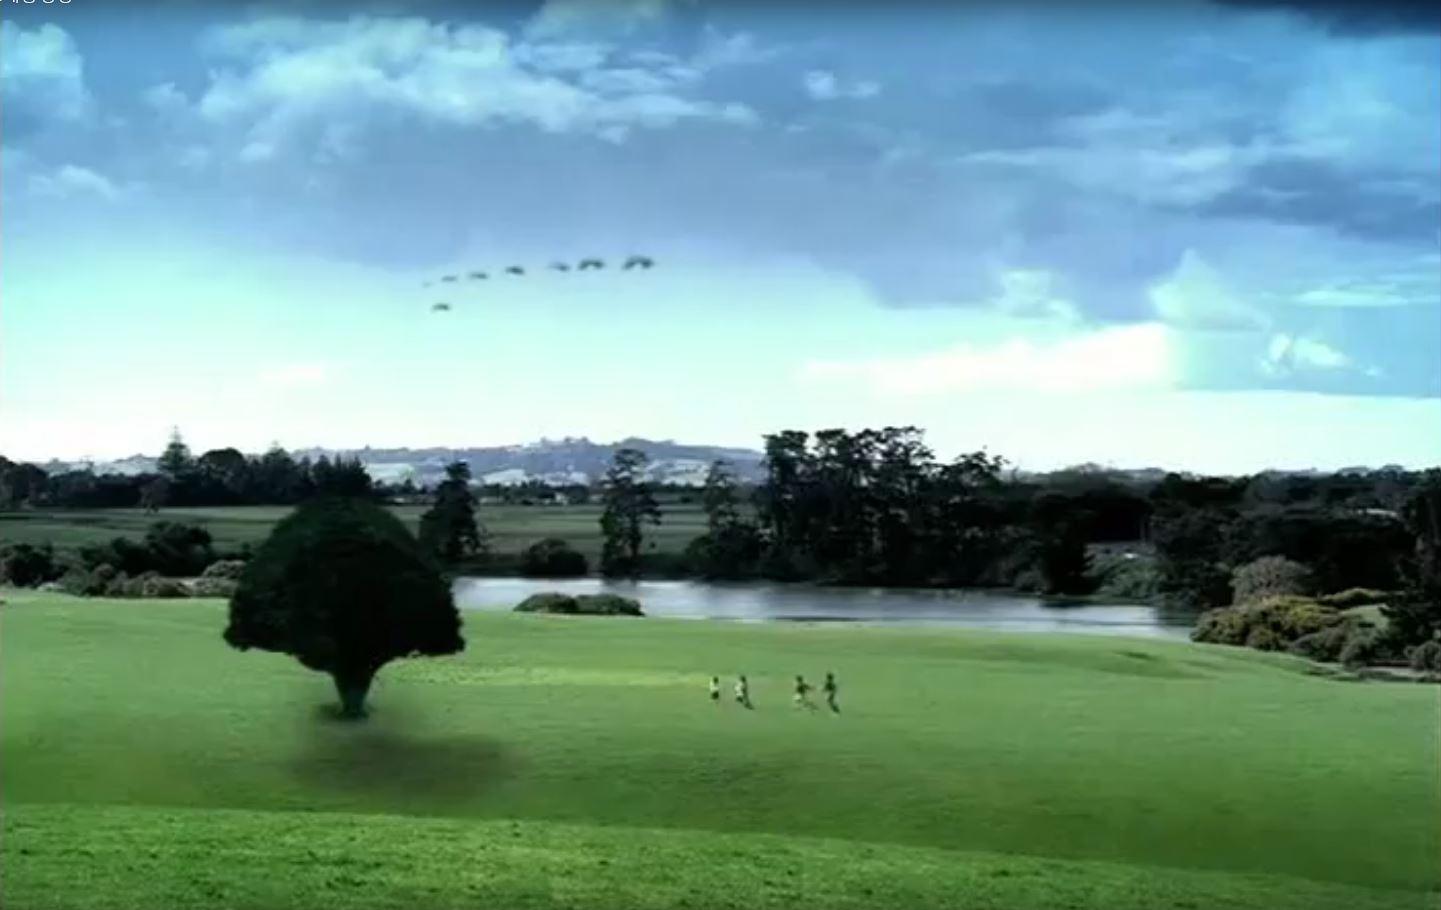 2013에스와이패널 시공실적 및 생산라인 소개동영상